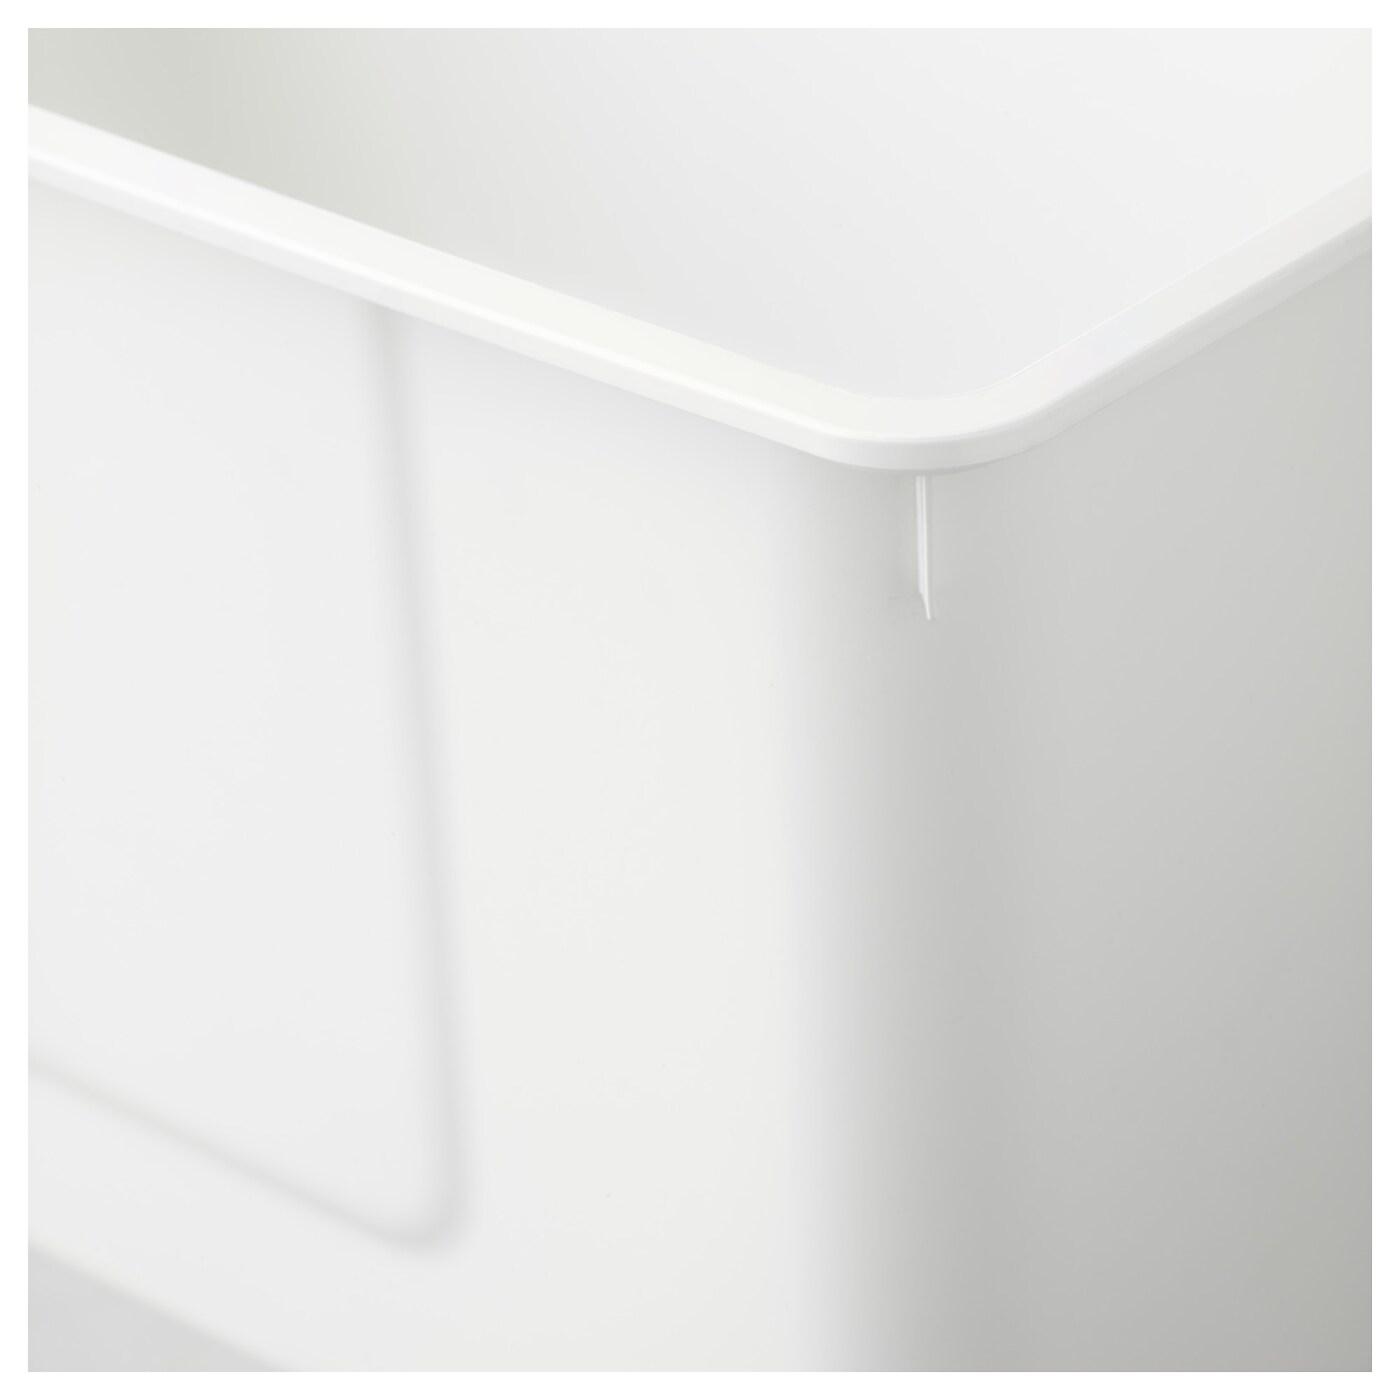 Uitzonderlijk ALGOT Bak Wit 38 x 60 x 29 cm/45 l - IKEA &NE74